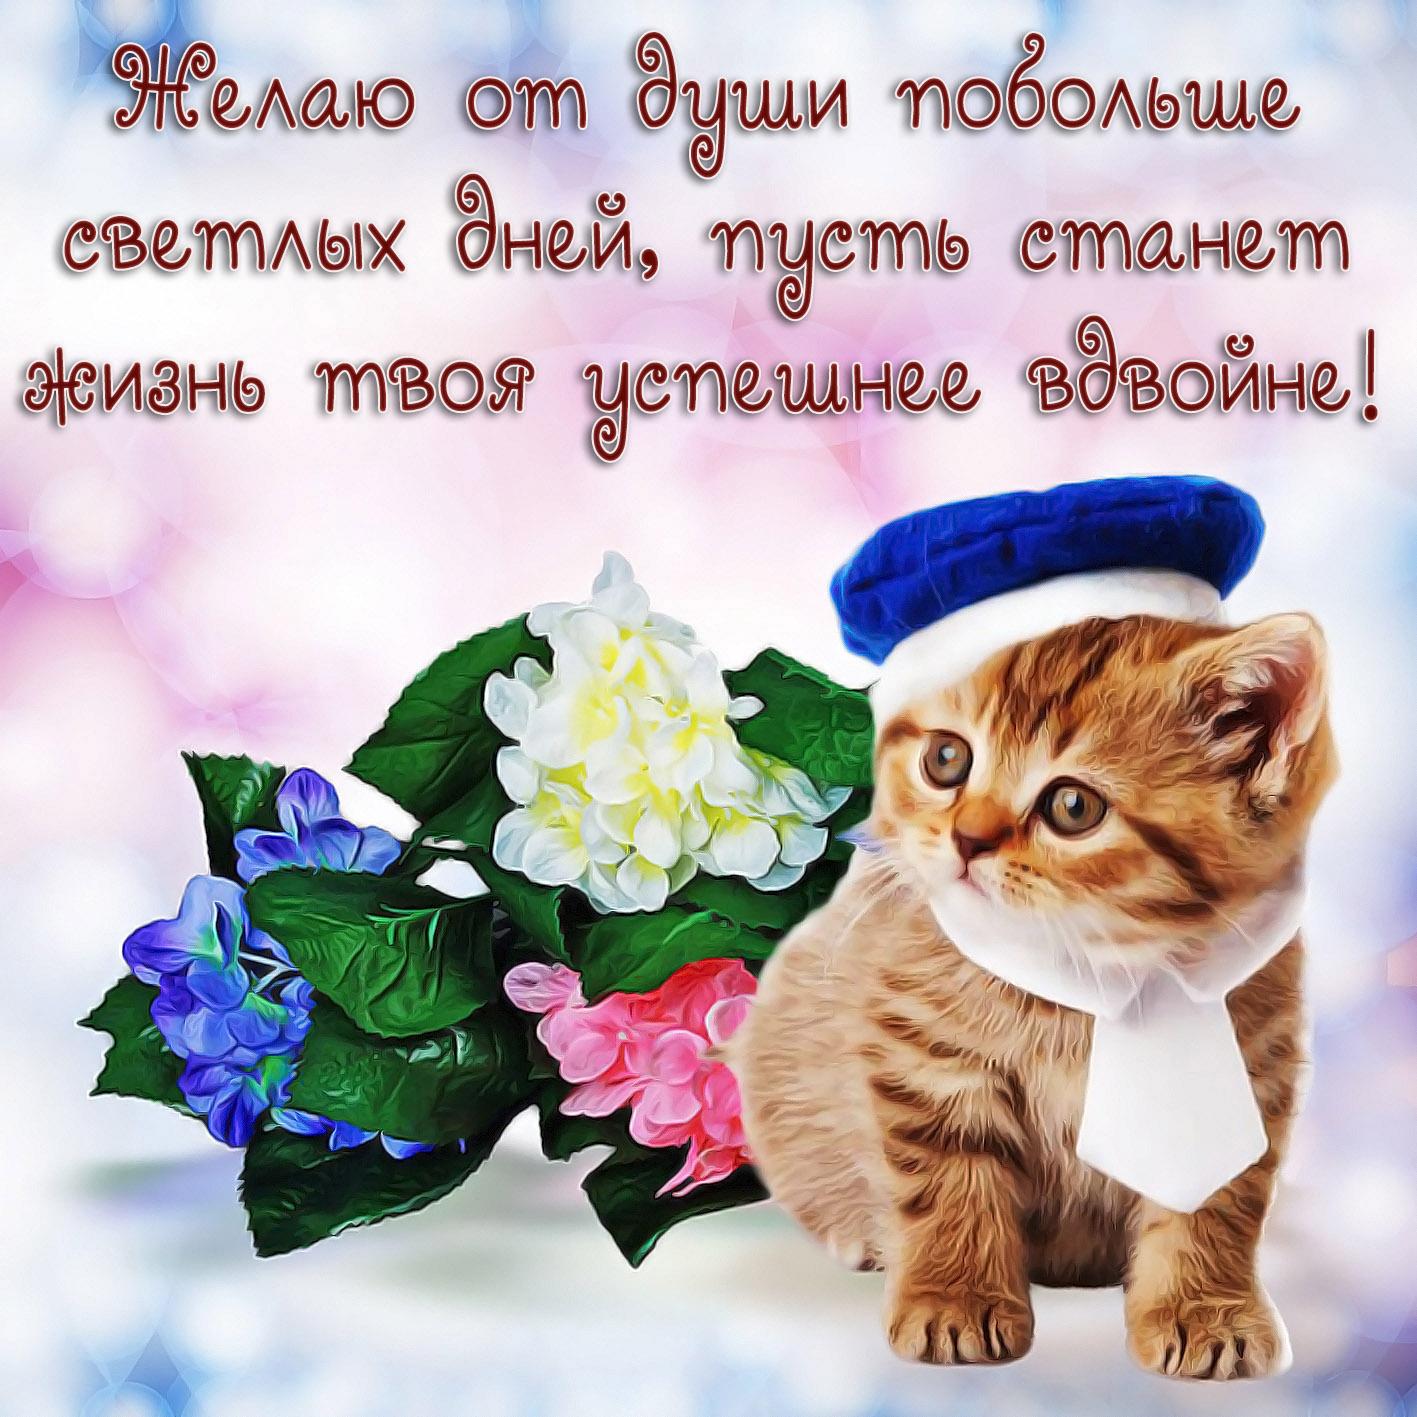 Картинки удачного дня котик